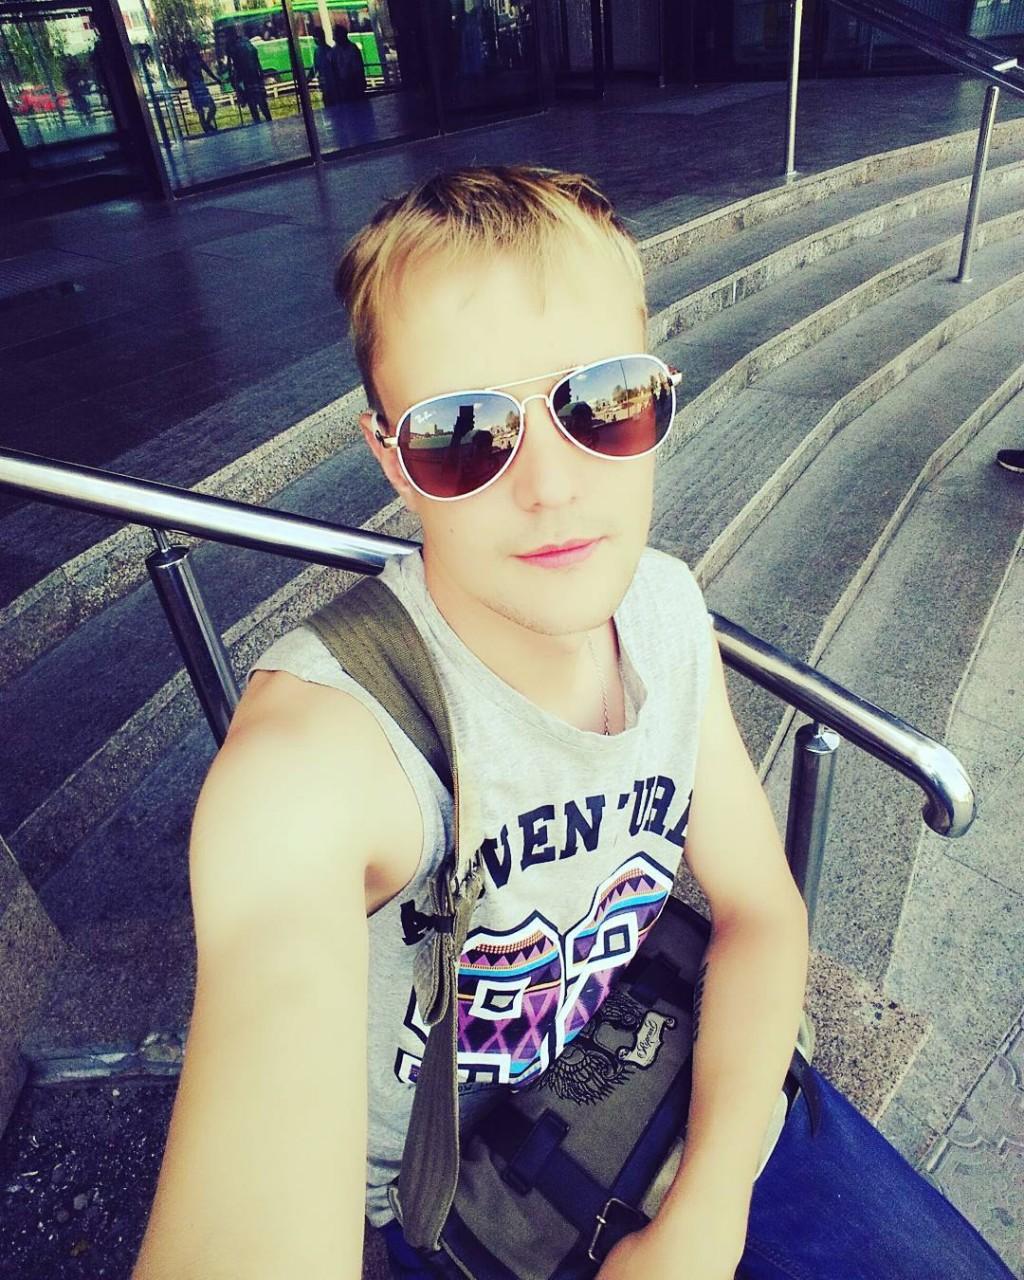 Сын Сергея Зверева встретился со своей настоящей матерью и узнал имя, данное ему при рождении